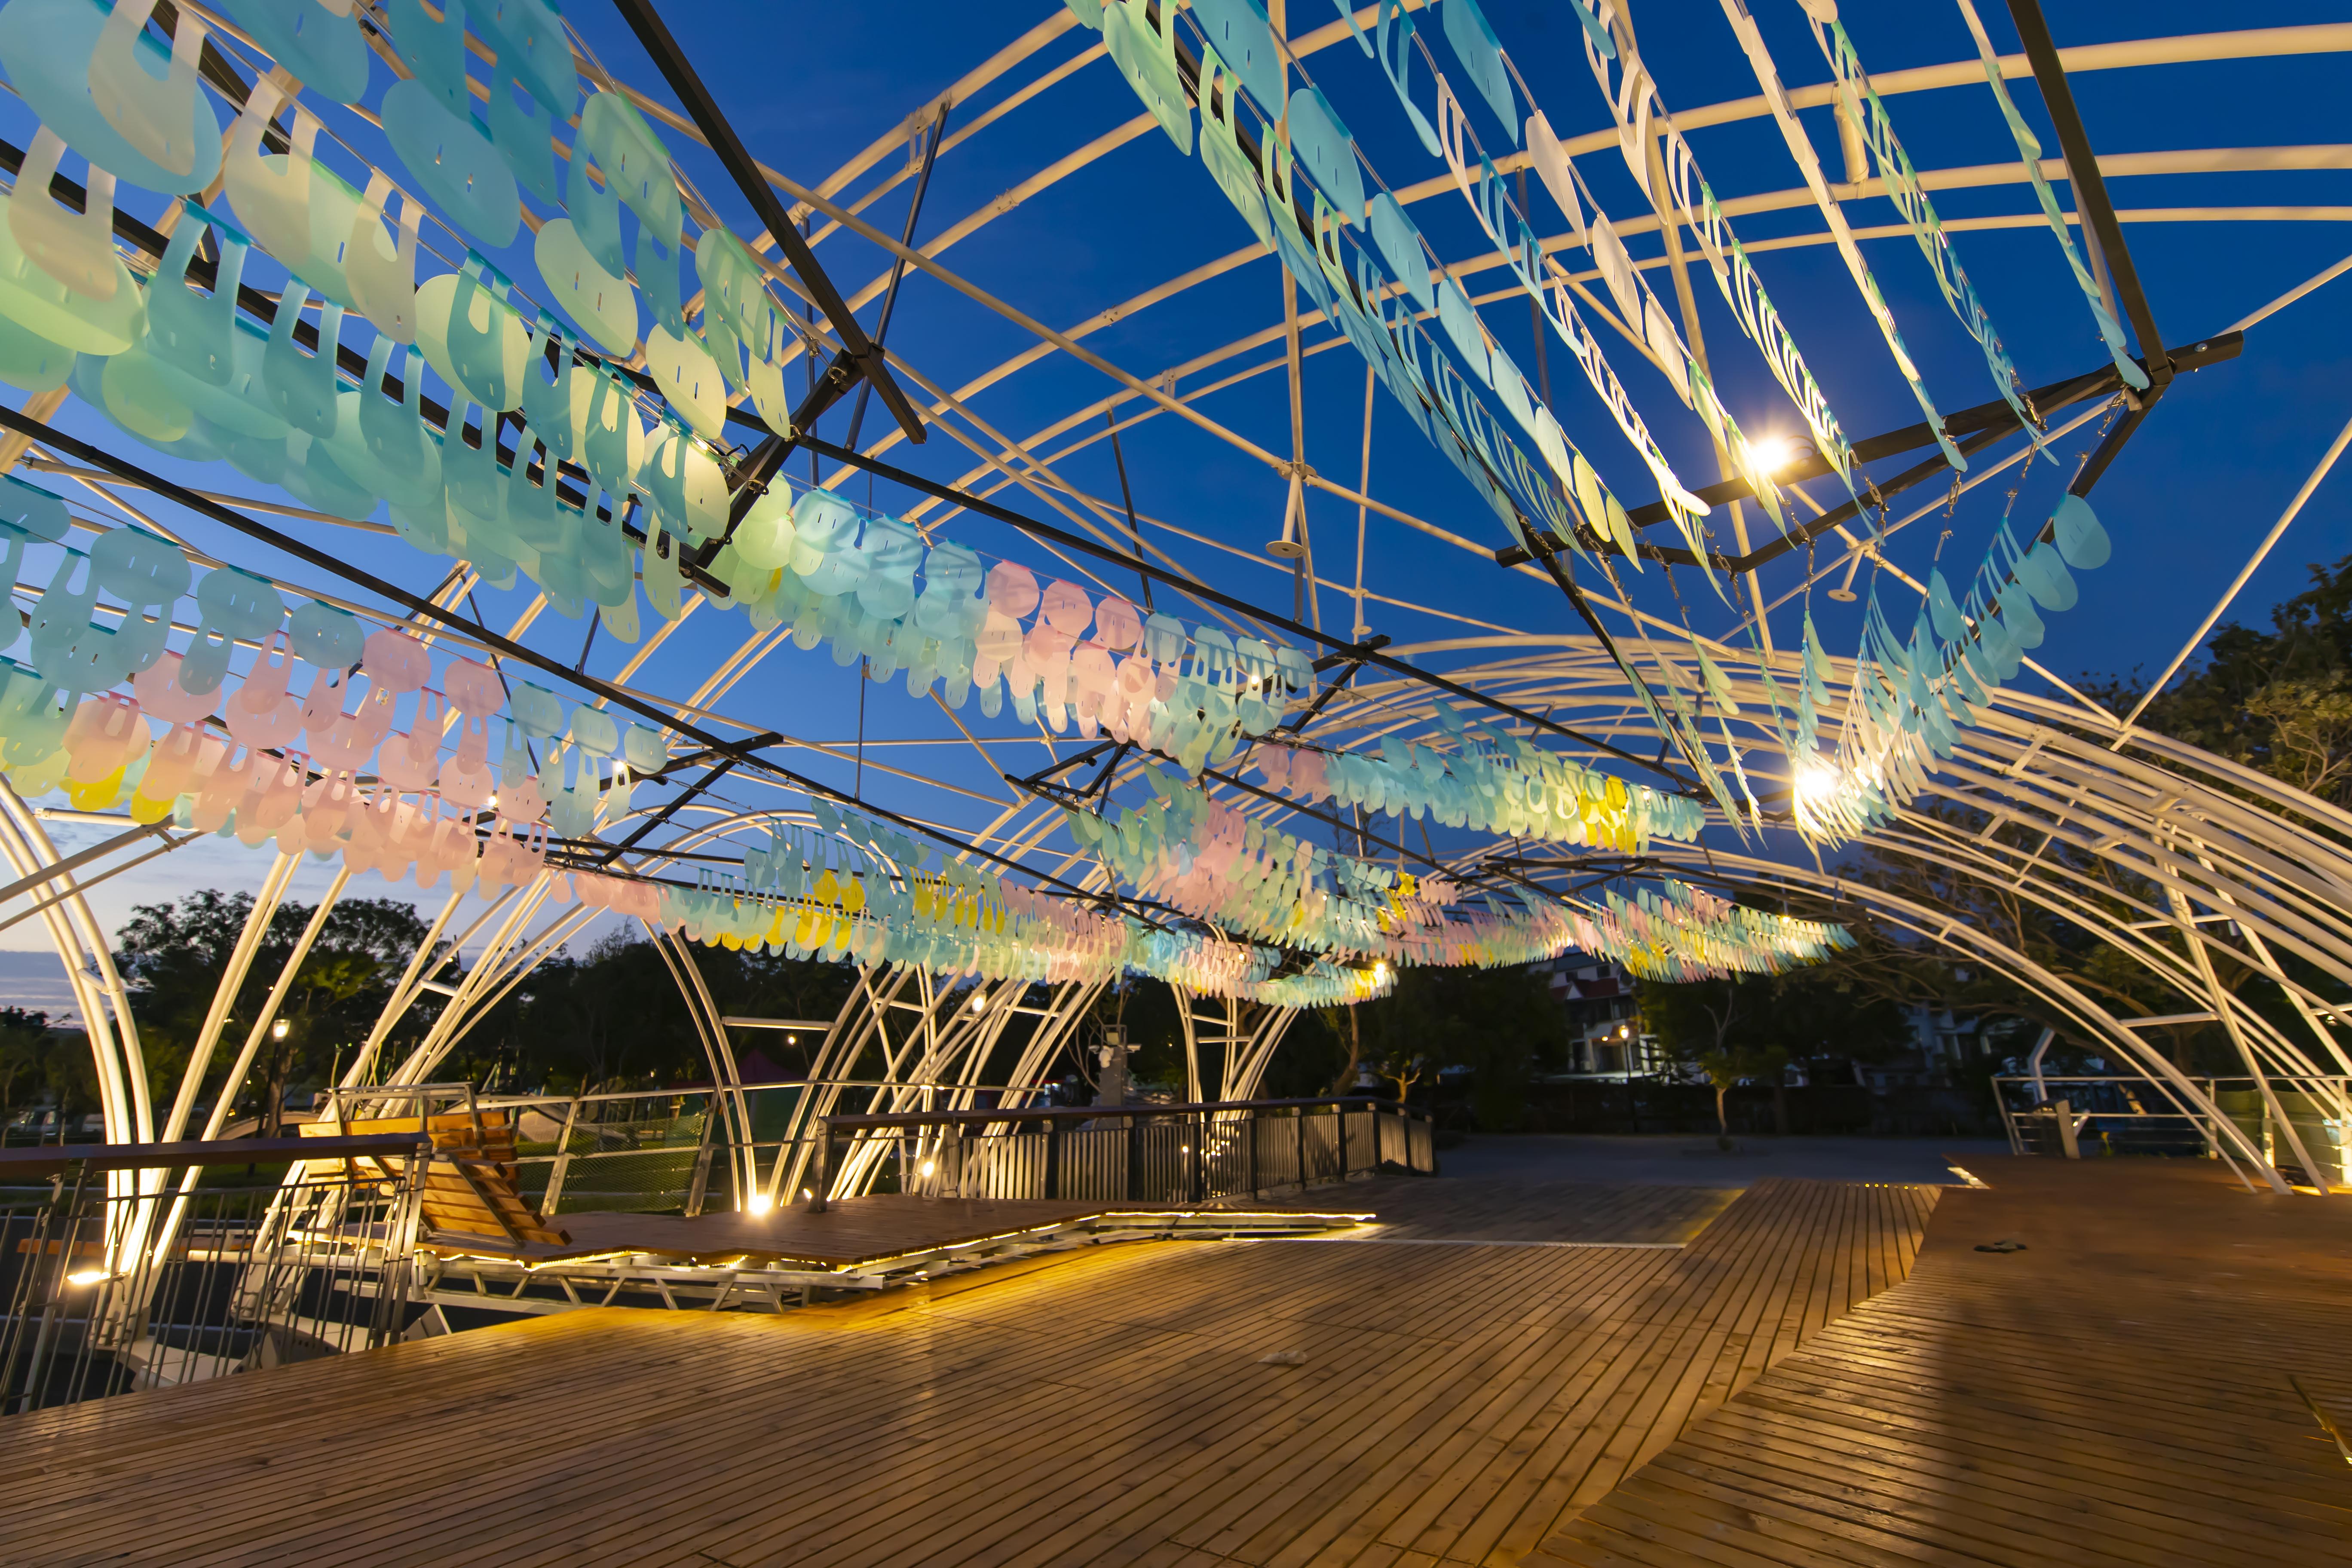 光與花的精采對話 台中花博夜間藝術光景獲好評